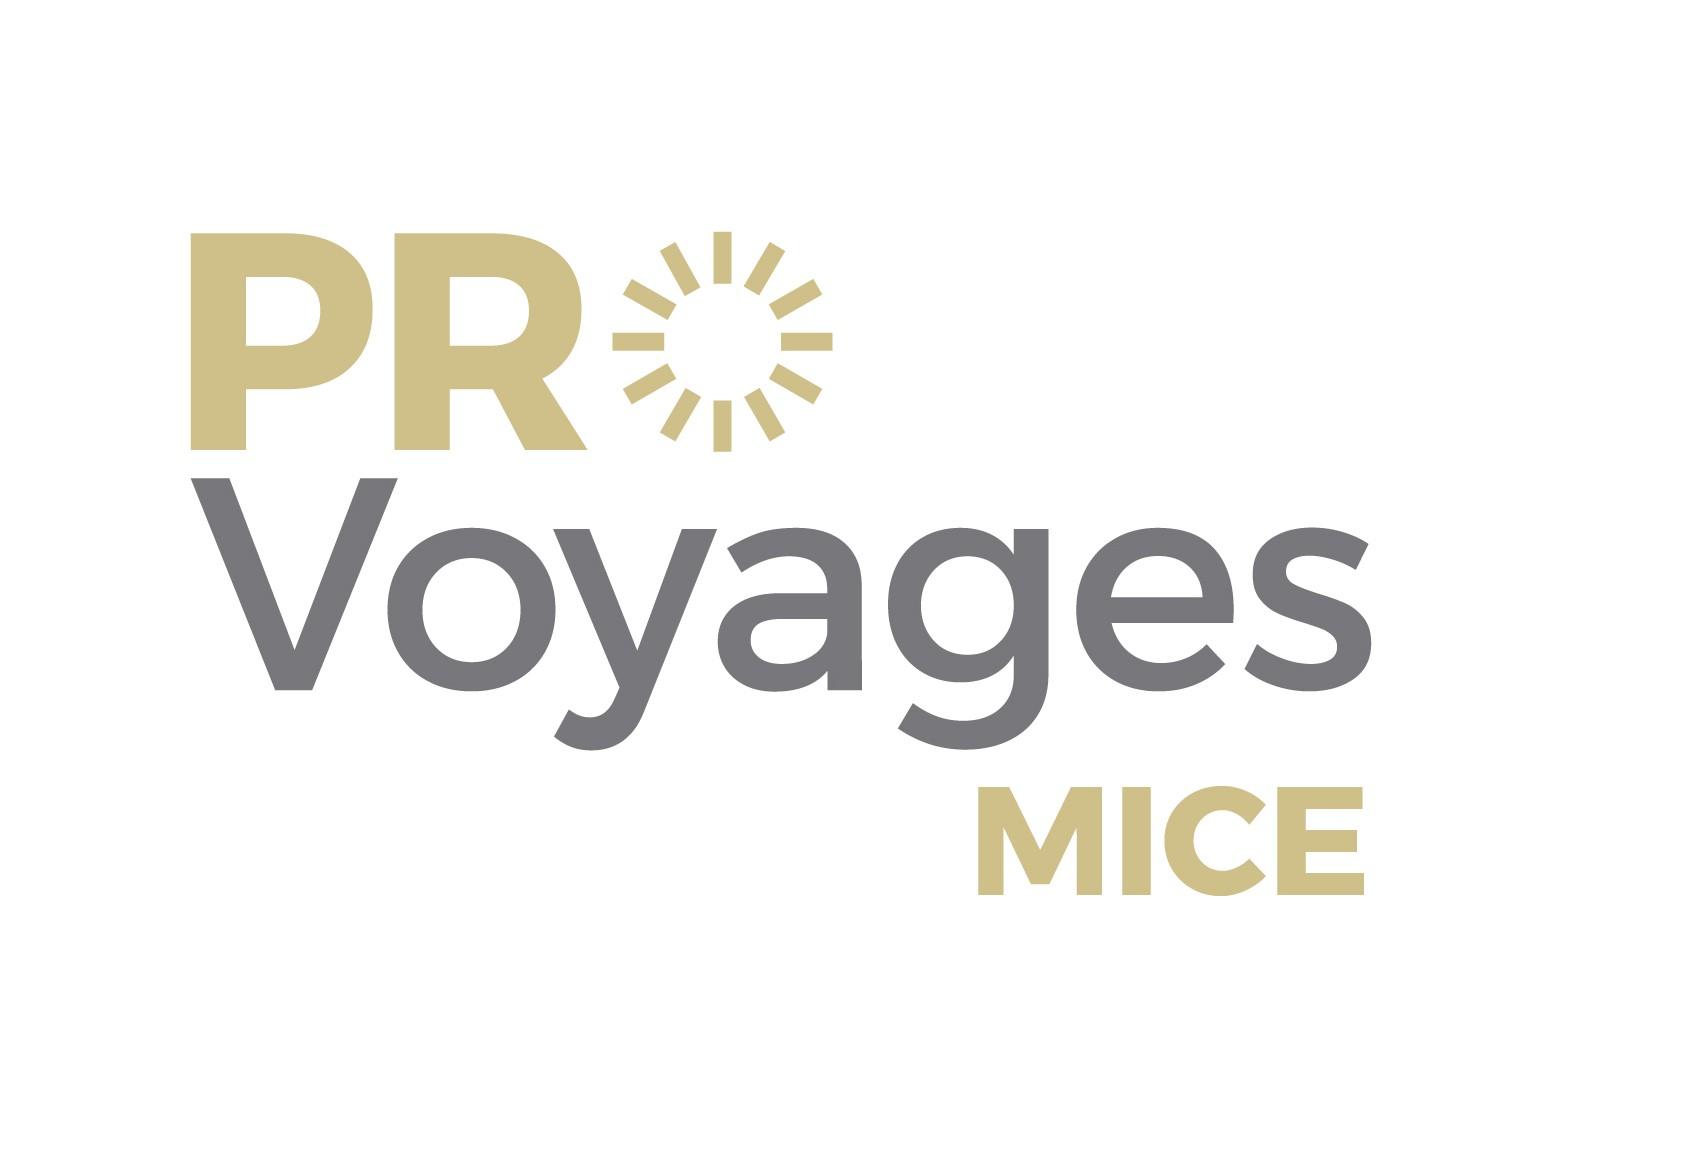 Pro Voyages MICE – DMC Baleares – Agence réceptive MICE Pro Voyages MICE. DMC et réceptif aux Baléares à Majorque, Minorque et Ibiza. Spécialiste MICE : Meeting, Incentives, Congrès, Evénements.